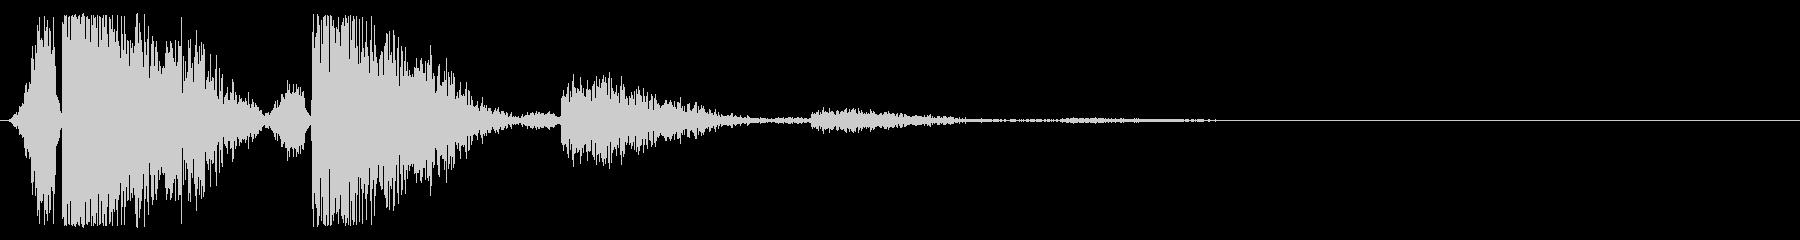 バシィッ(平手打ち・強/残響あり)の未再生の波形